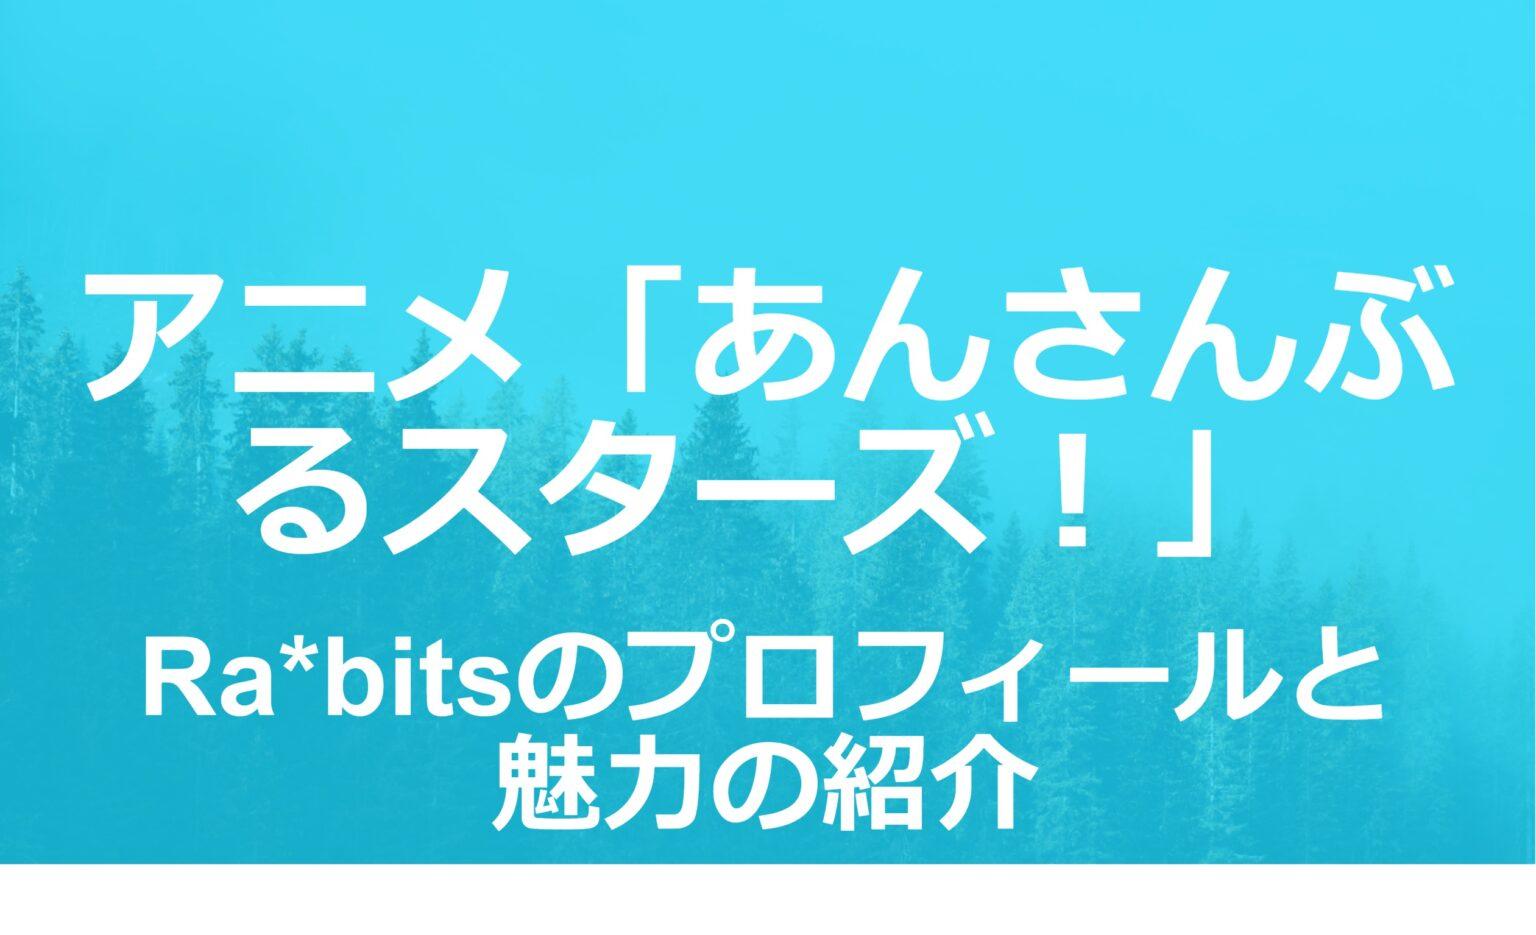 Ra*bitsの魅力とは?メンバーのプロフィール等をアニメ「あんさんぶるスターズ!」に沿って紹介!